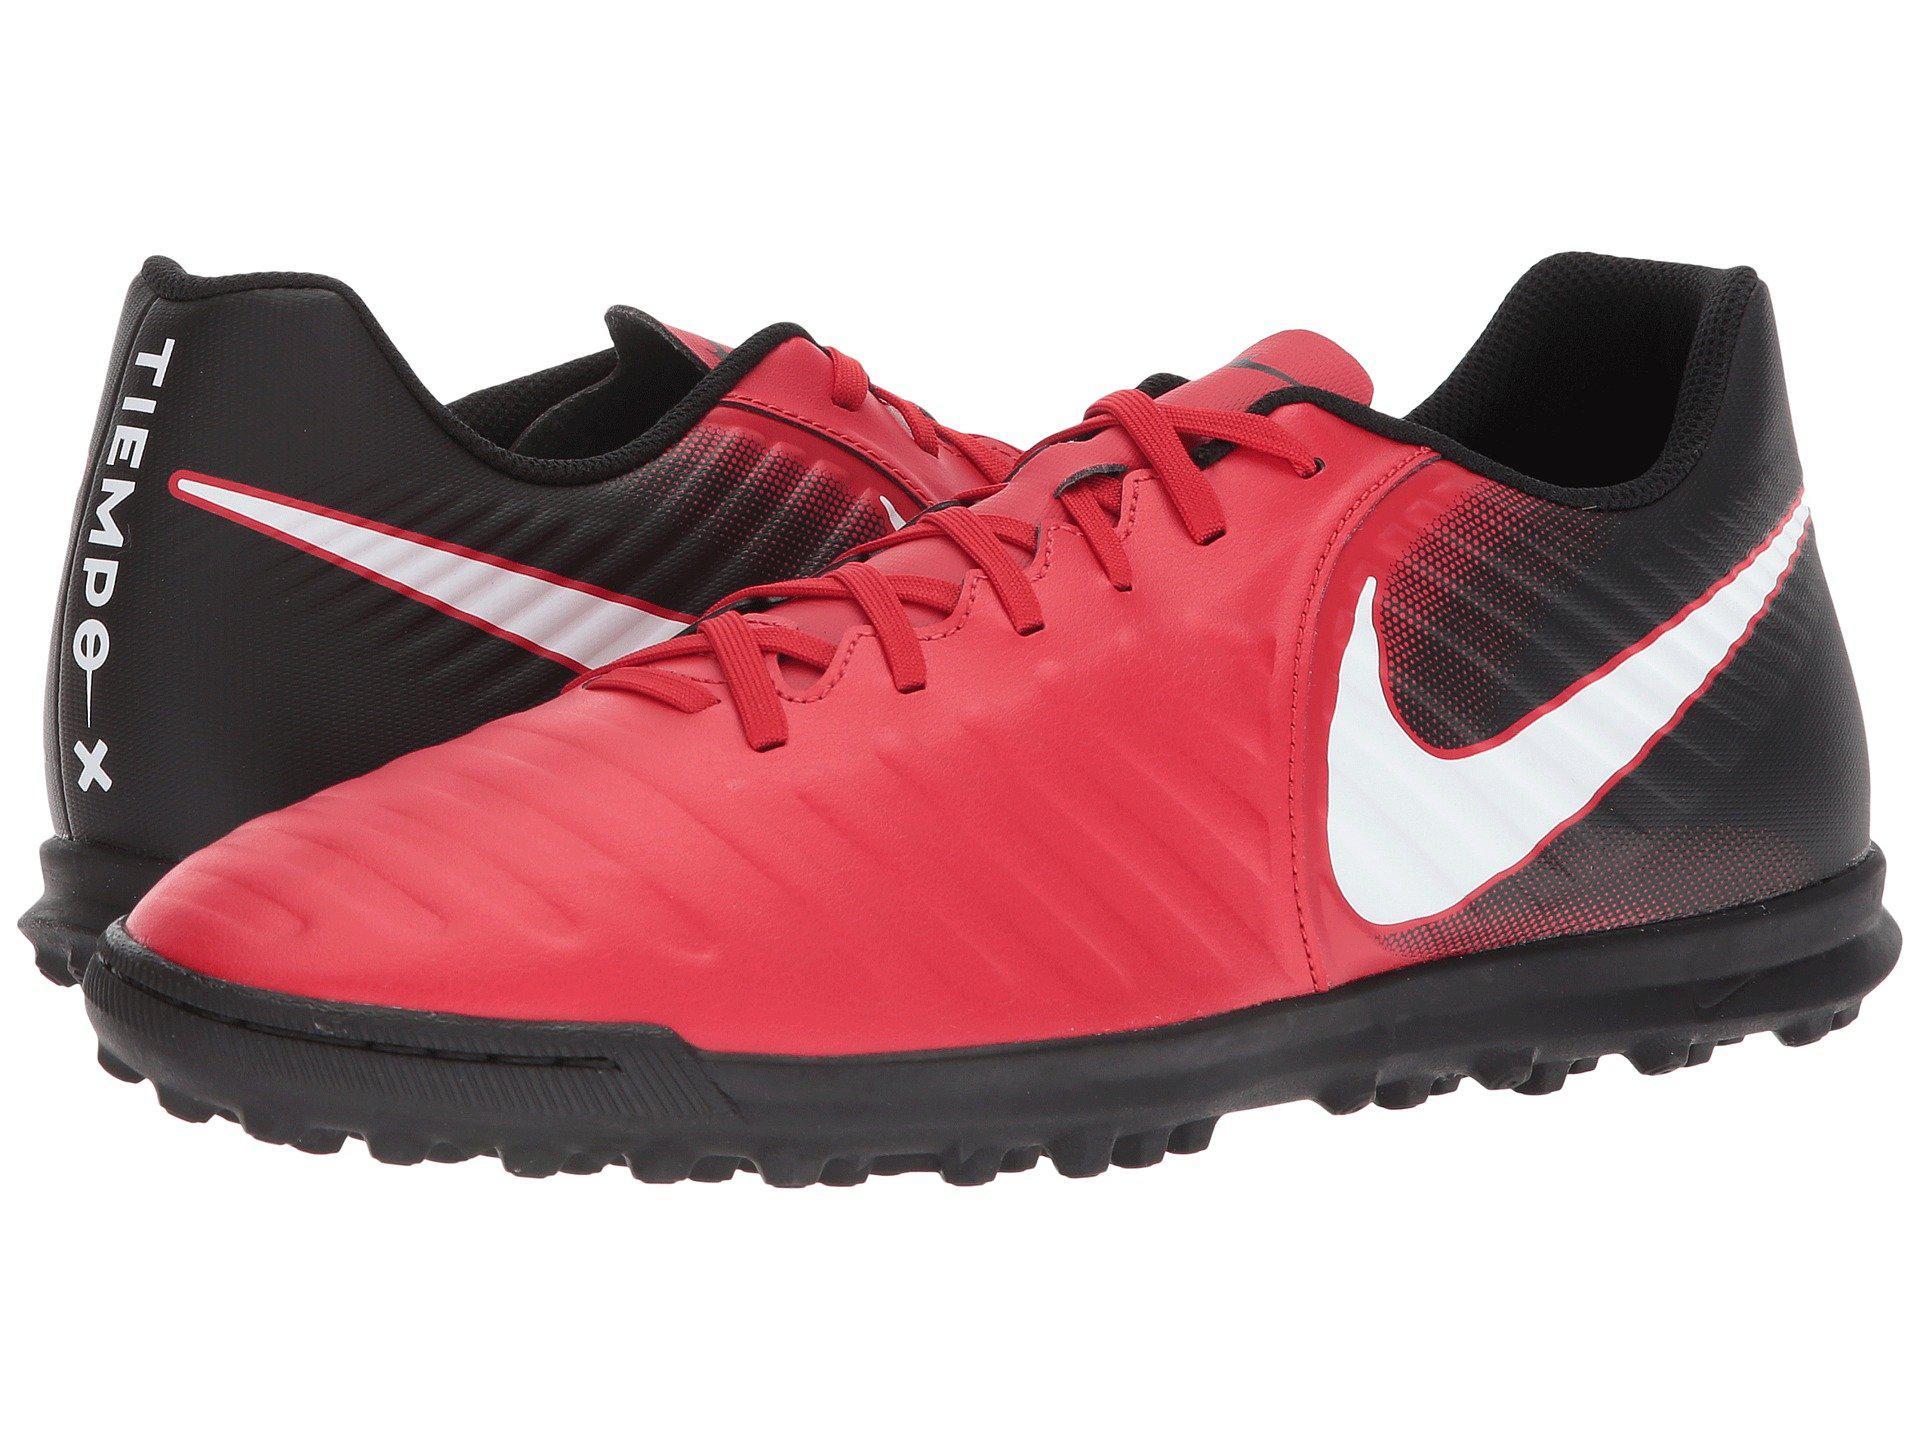 99888248fdf6 Lyst - Nike Tiempox Rio Iv Tf in Red for Men